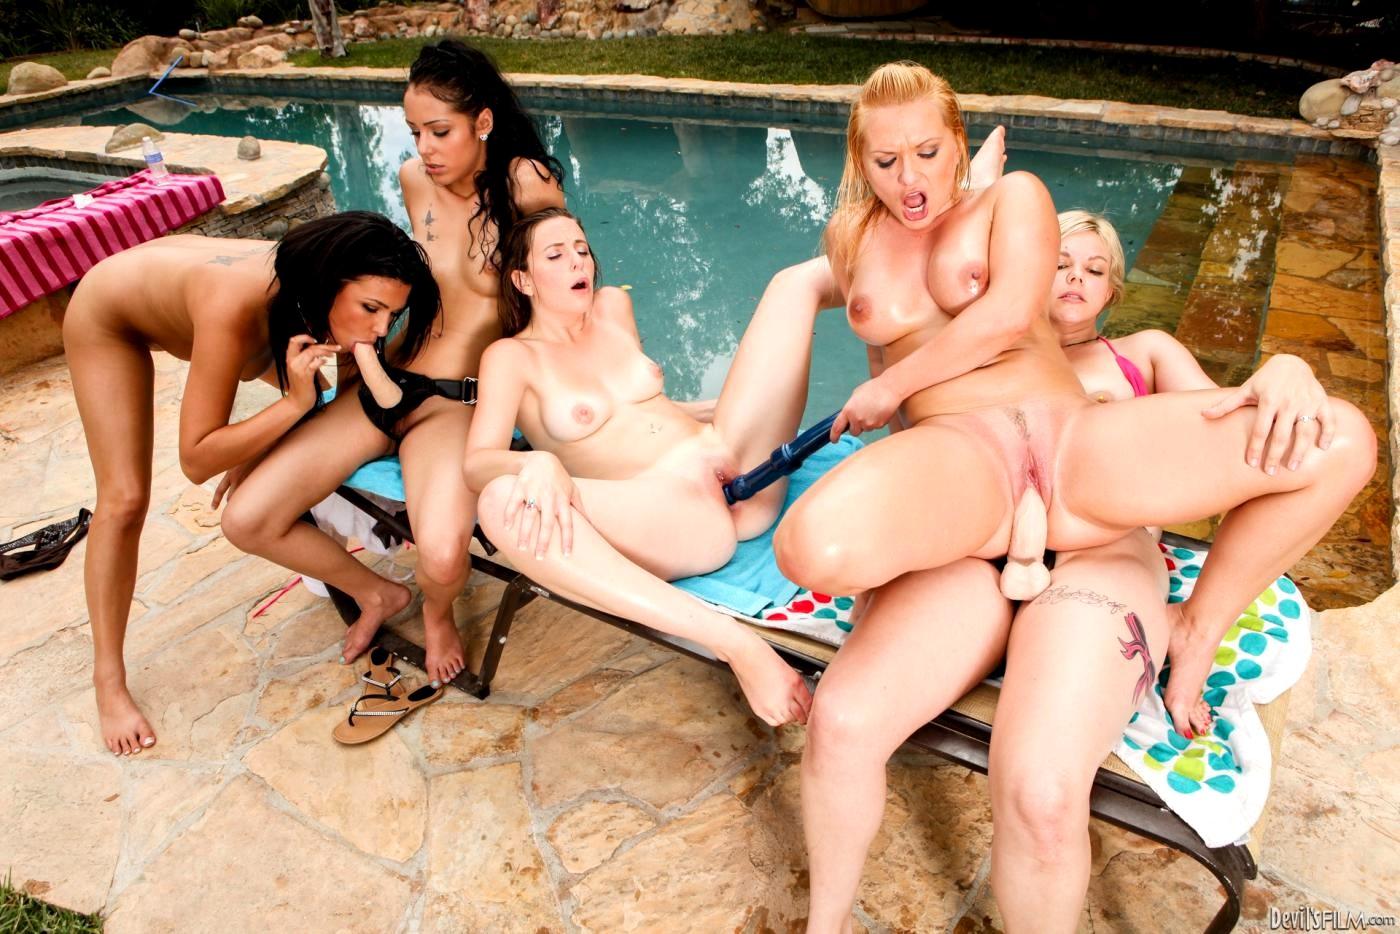 Смотреть оргию русских в бассейне, гиг порно бассейн видео смотреть HD порно бесплатно 23 фотография